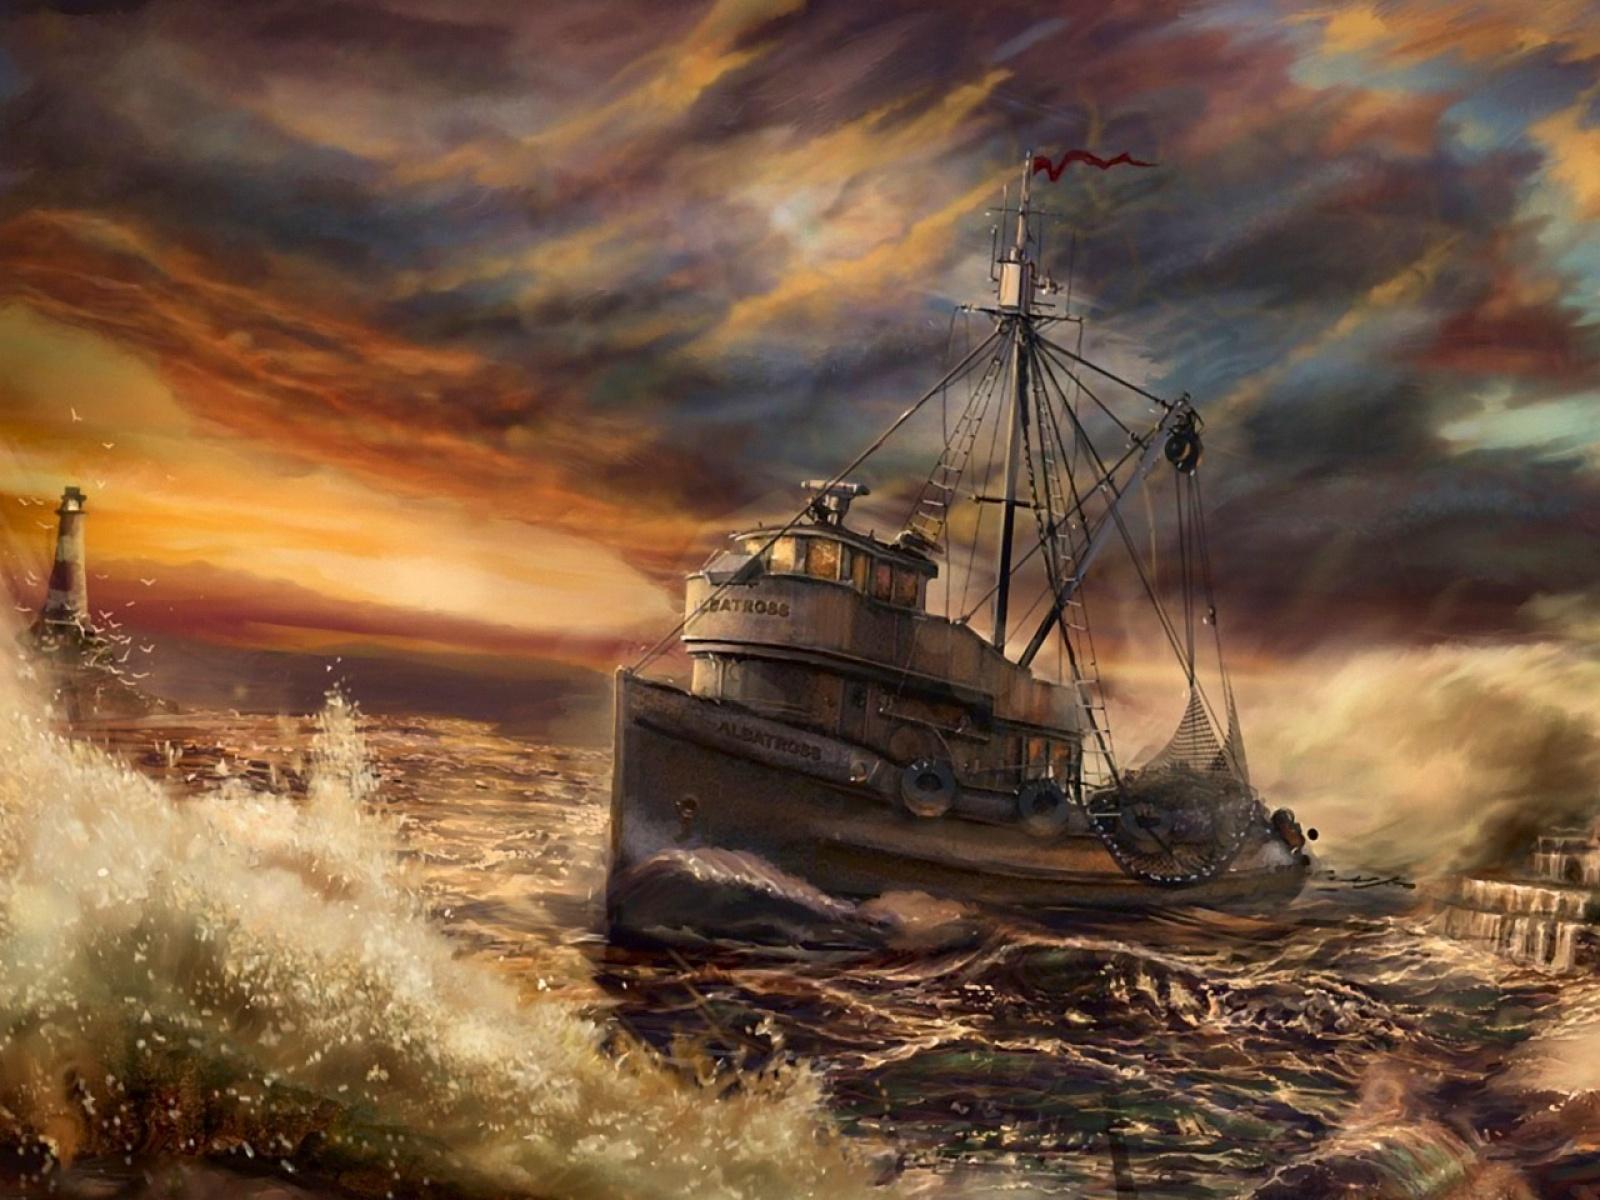 comment pecher sur un bateau